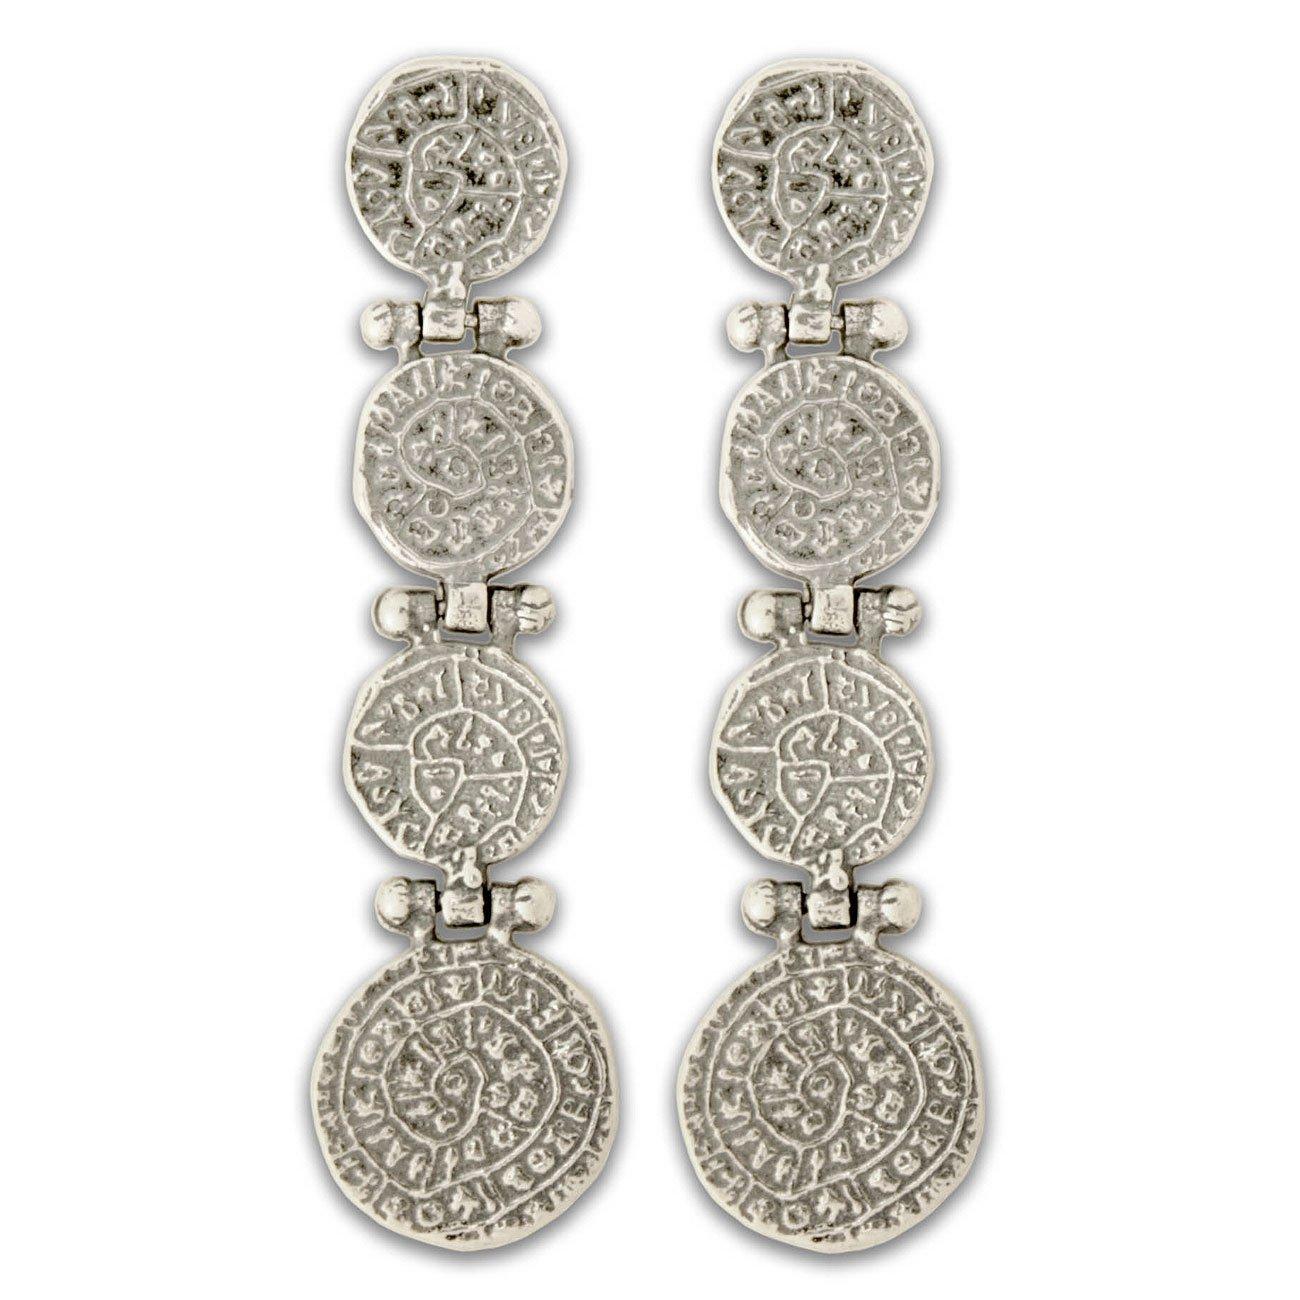 Minoan Phaistos Disk - Sterling Silver Pierced Earrings ~ 4 Disks